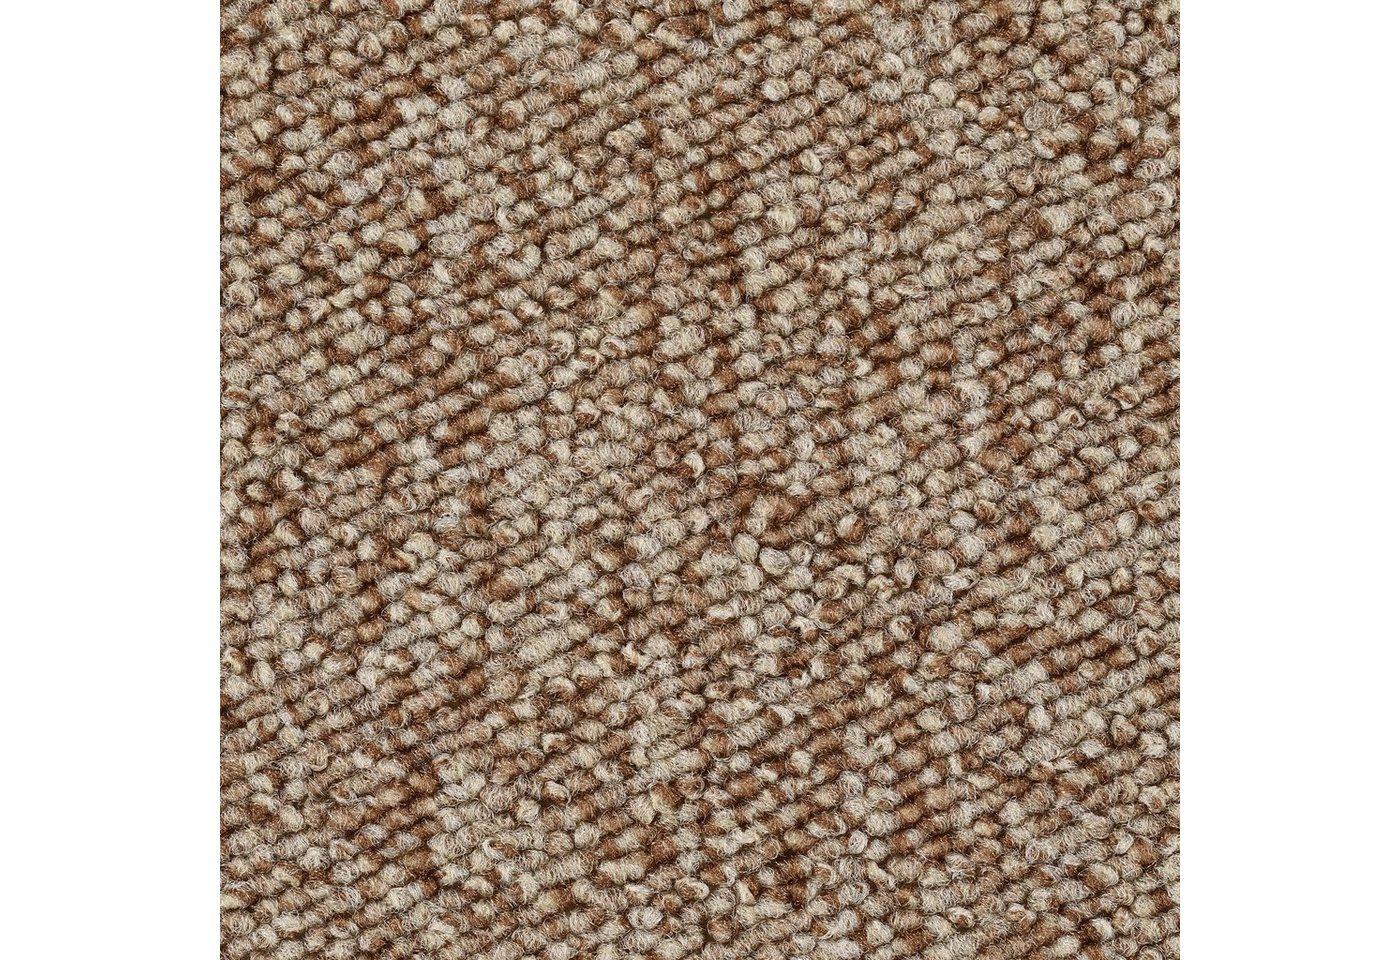 VORWERK Teppichboden »Passion 1005«, Meterware, Schlinge, Breite 400/500 cm   Baumarkt > Bodenbeläge   Braun   Vorwerk